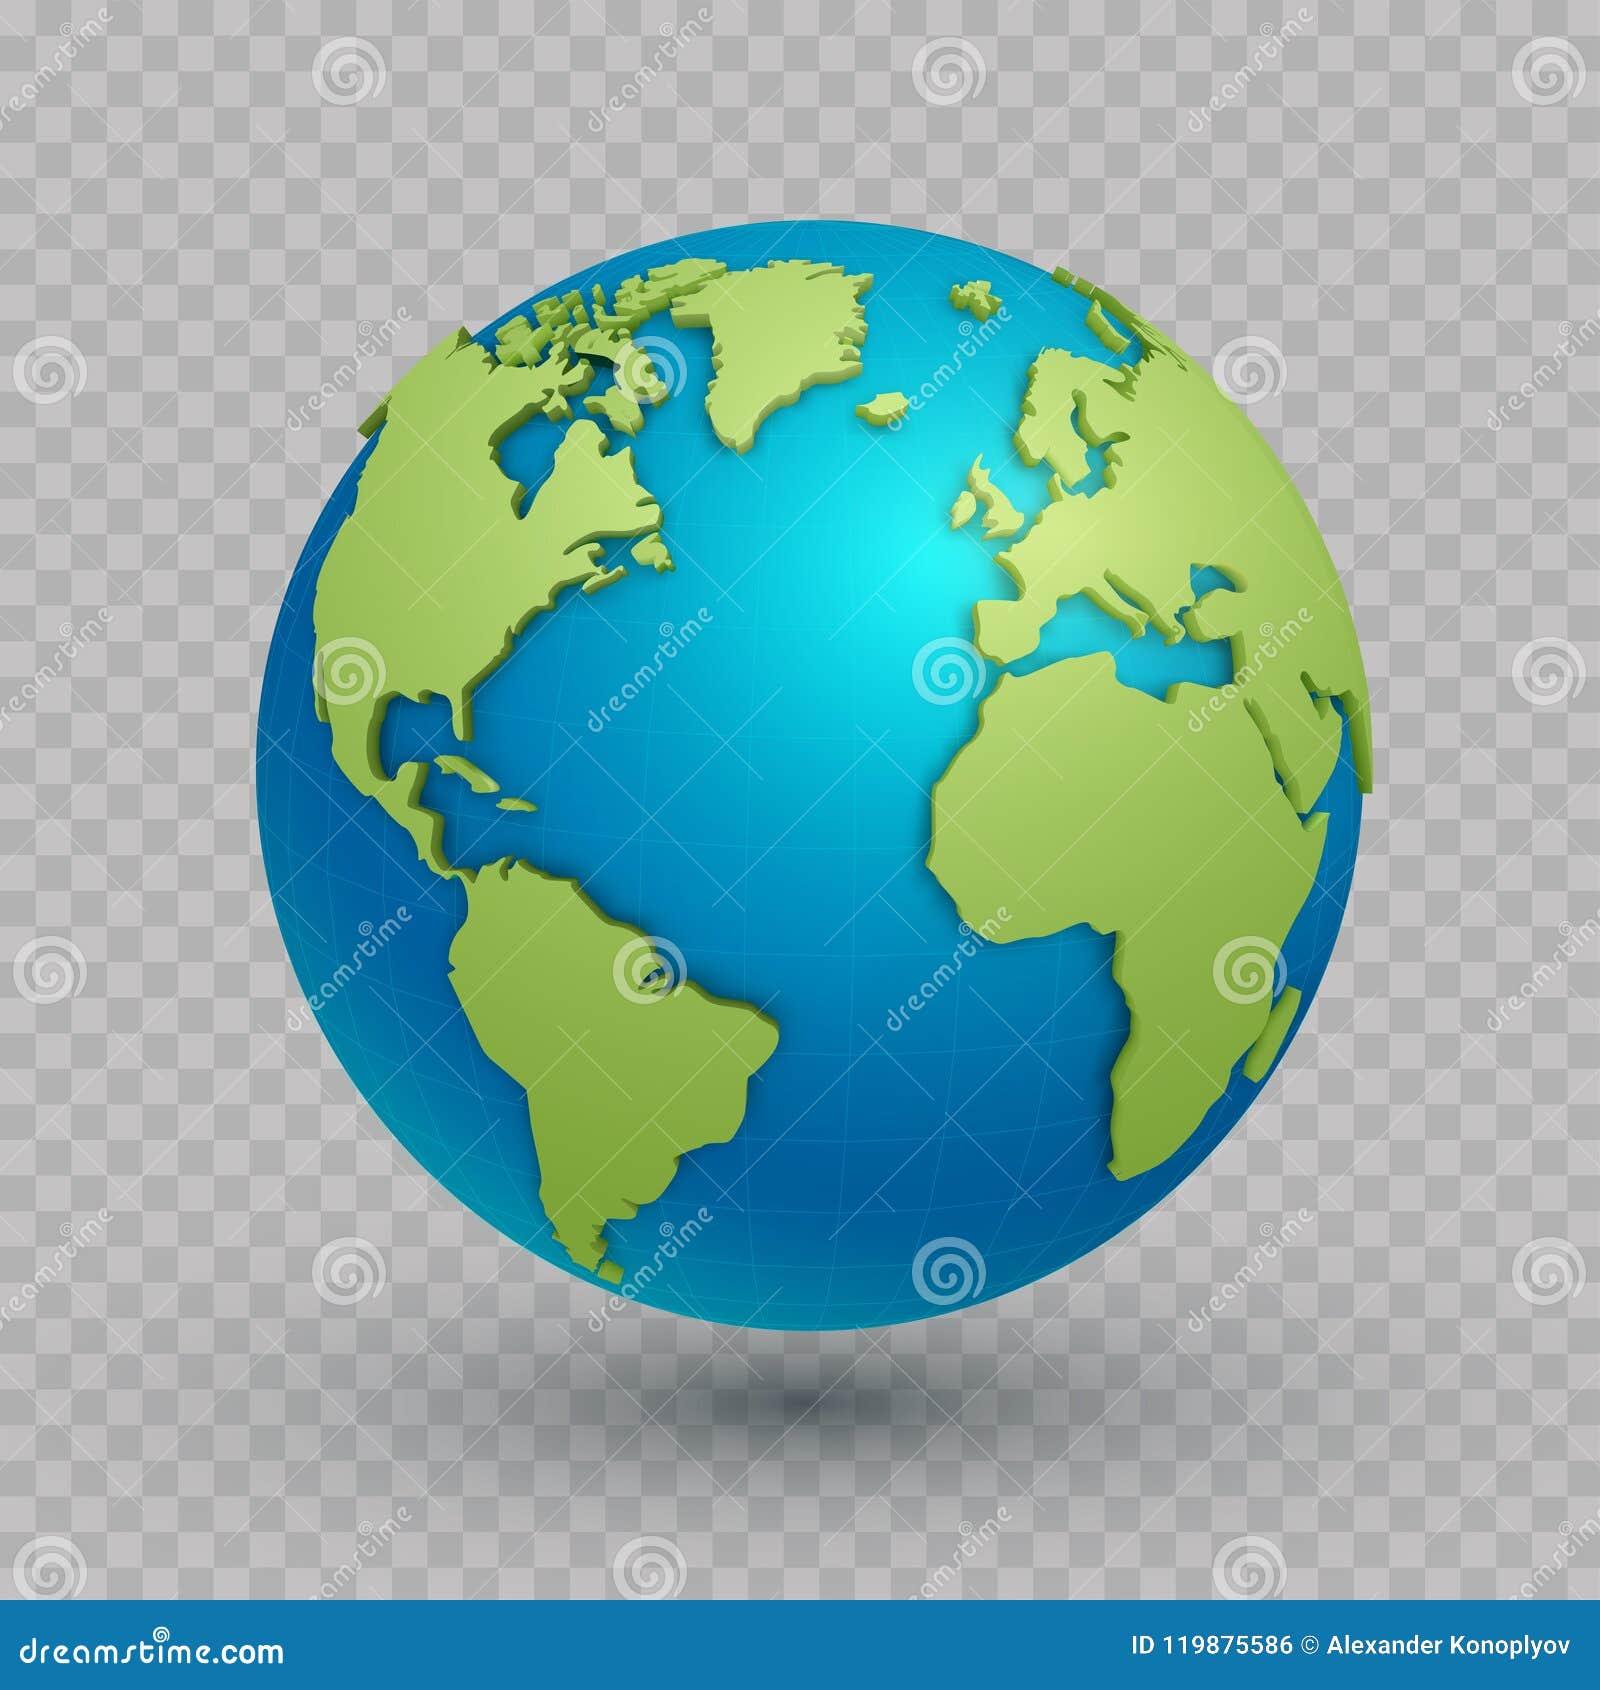 World Map 3d Model.3d World Map Globe Stock Vector Illustration Of Asia 119875586